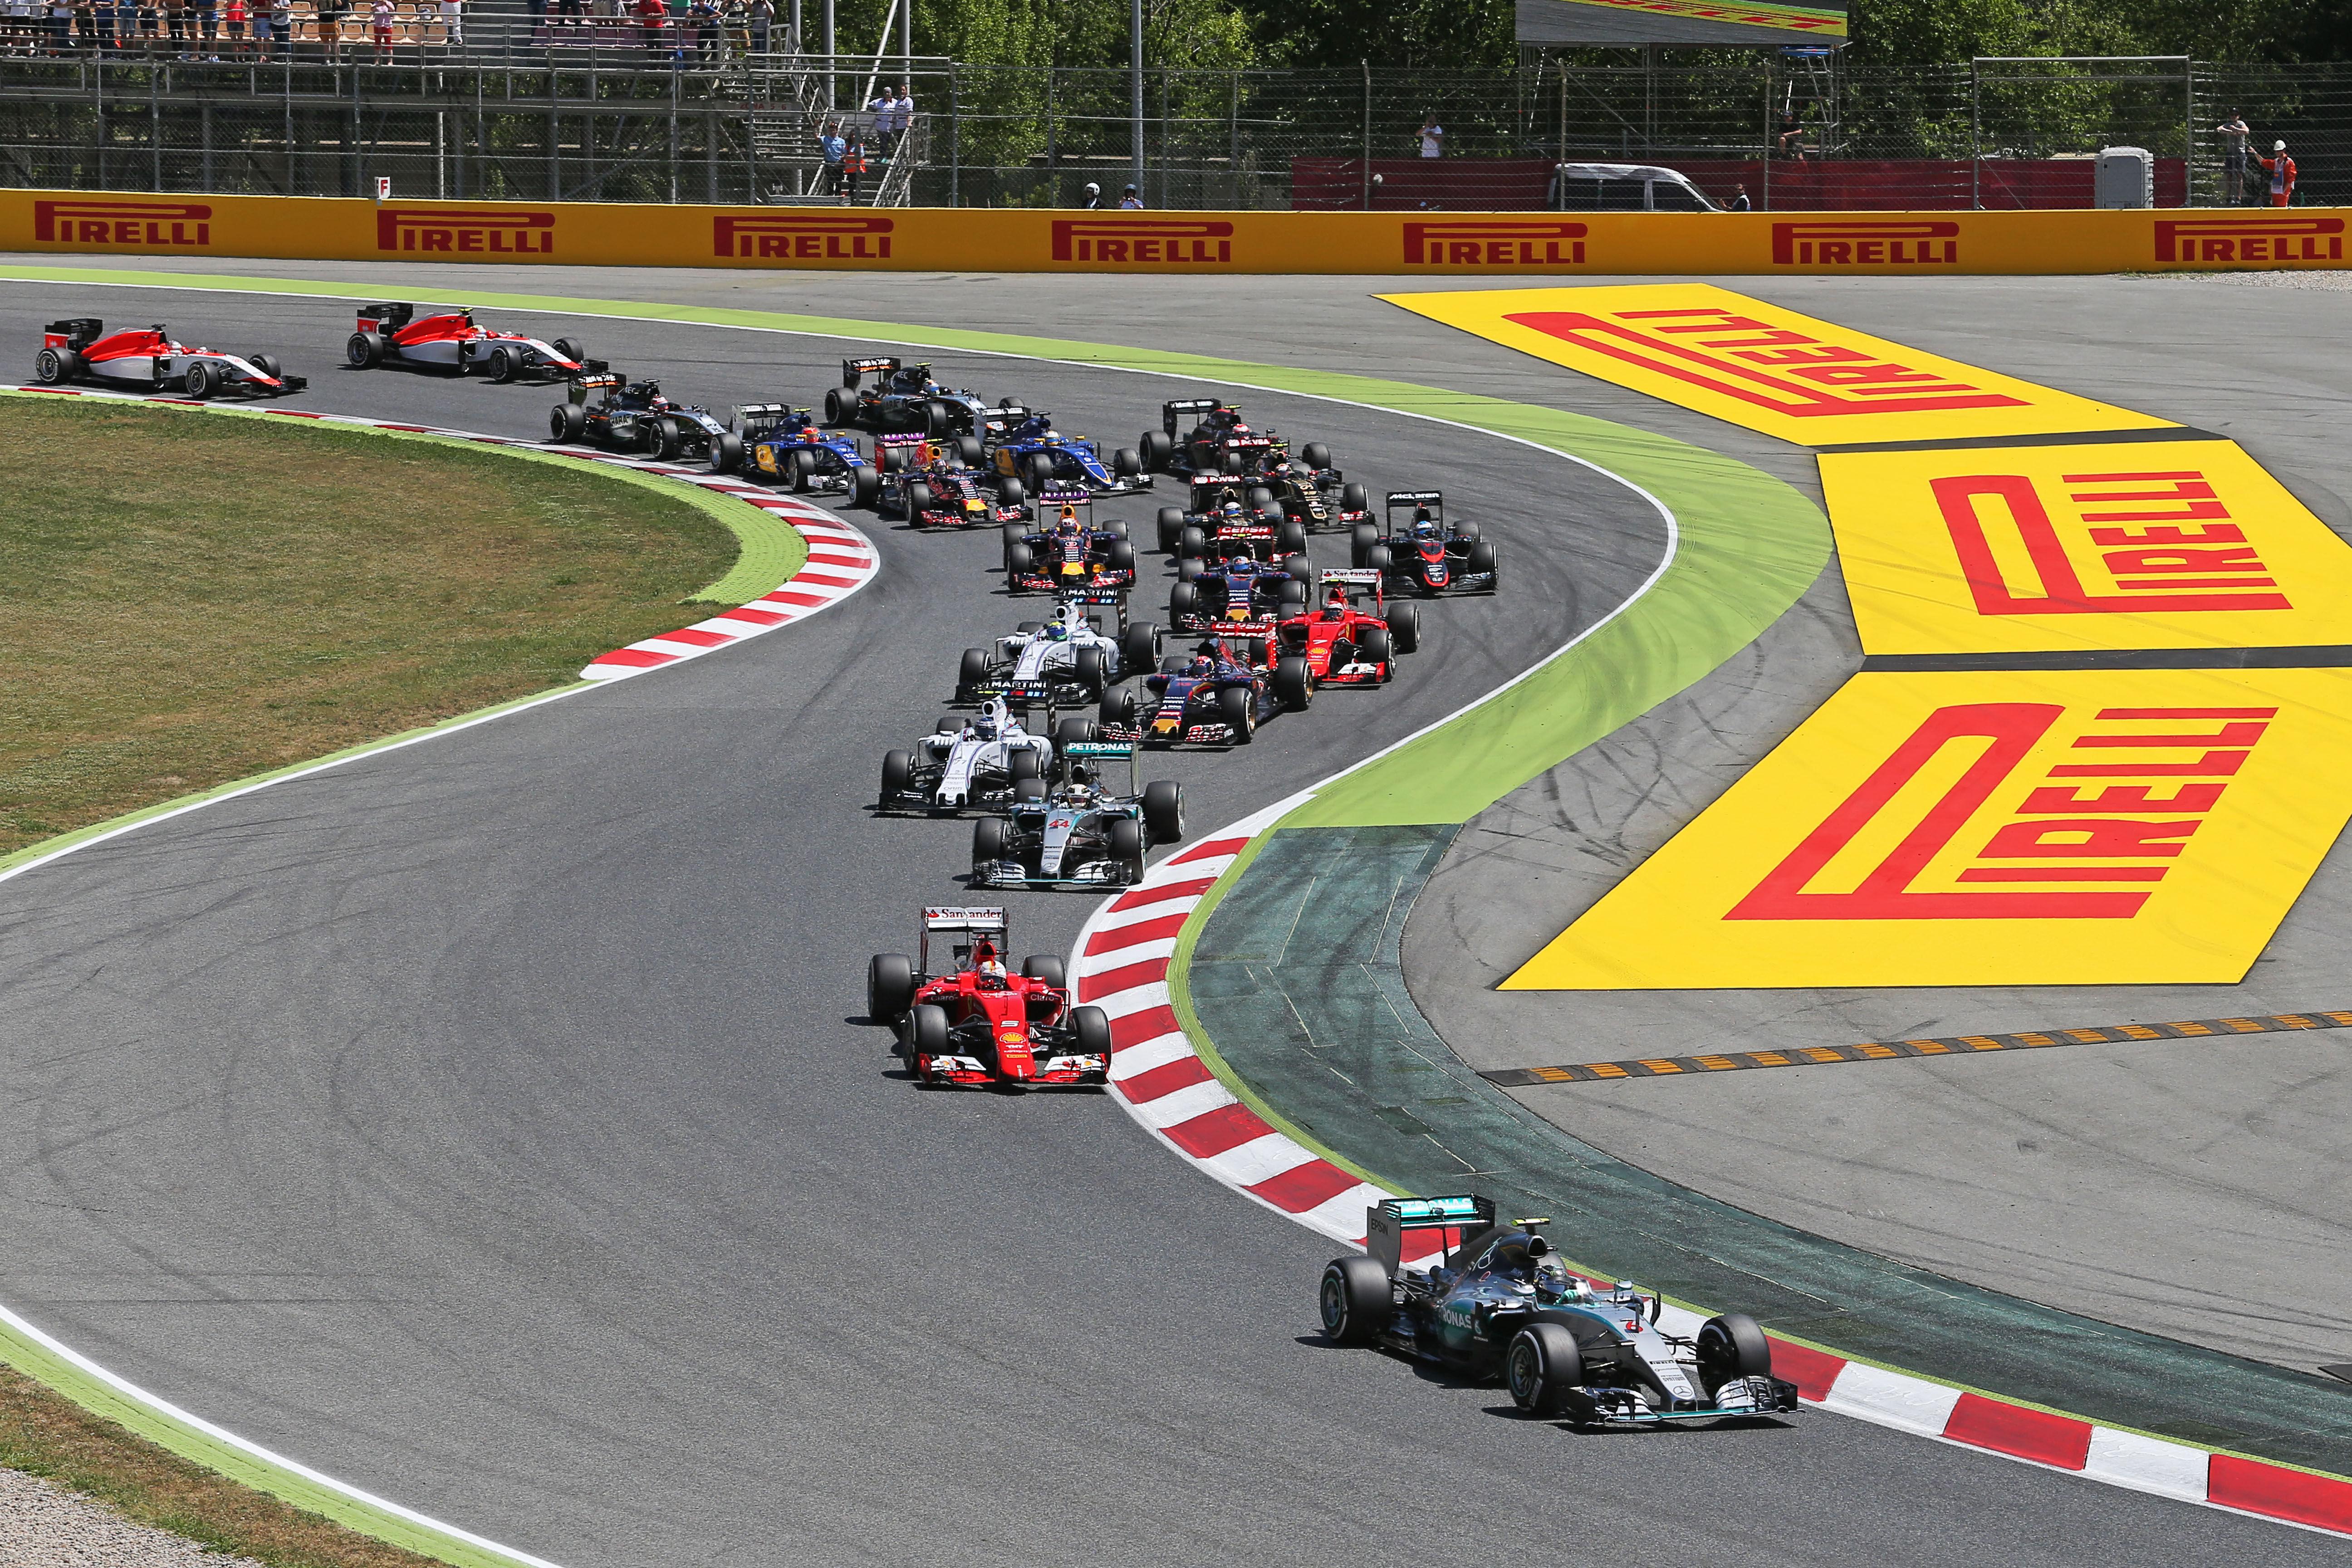 ¿Qué piloto ha conseguido la victoria más veces en el Gran Premio de España?